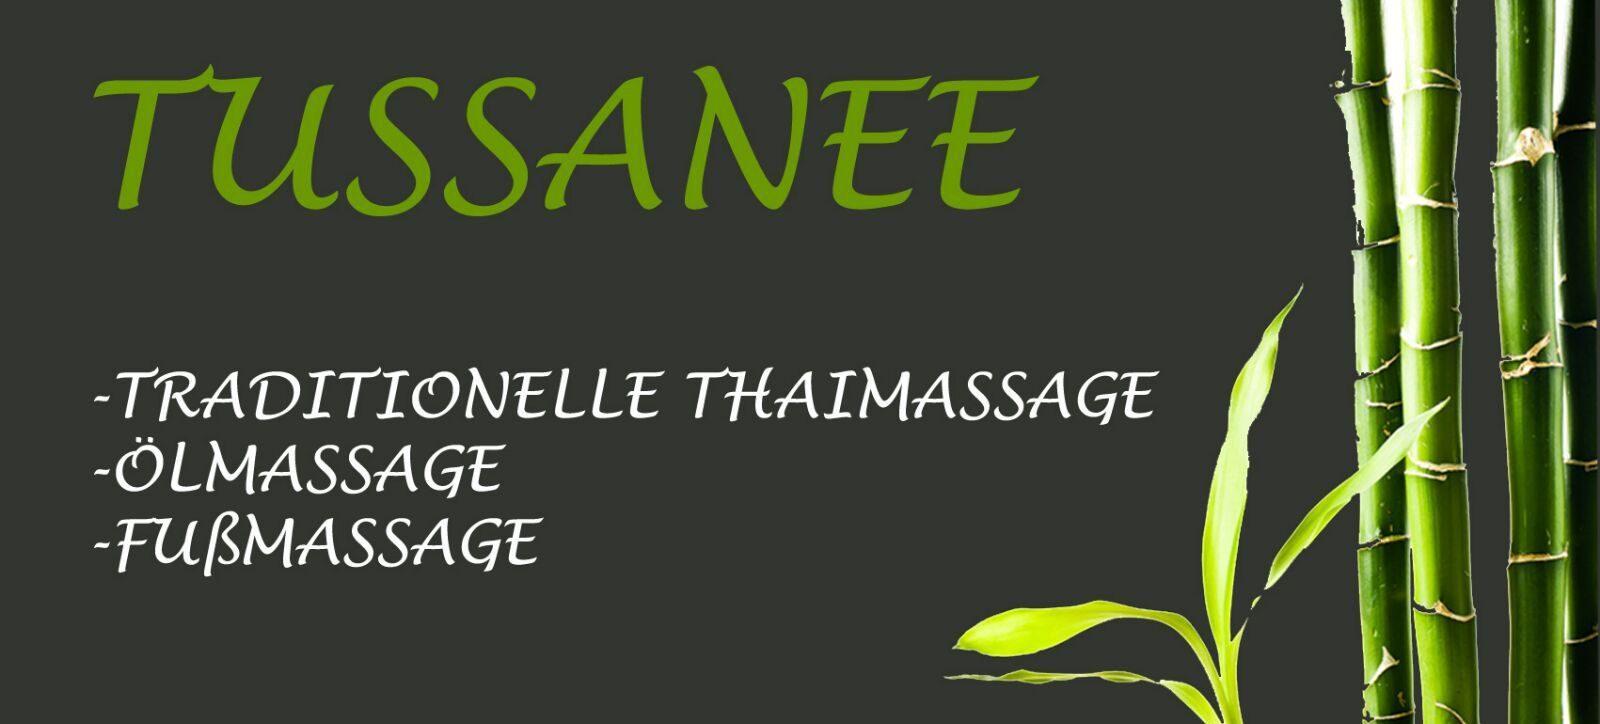 Tussanee Thai Massage Linz